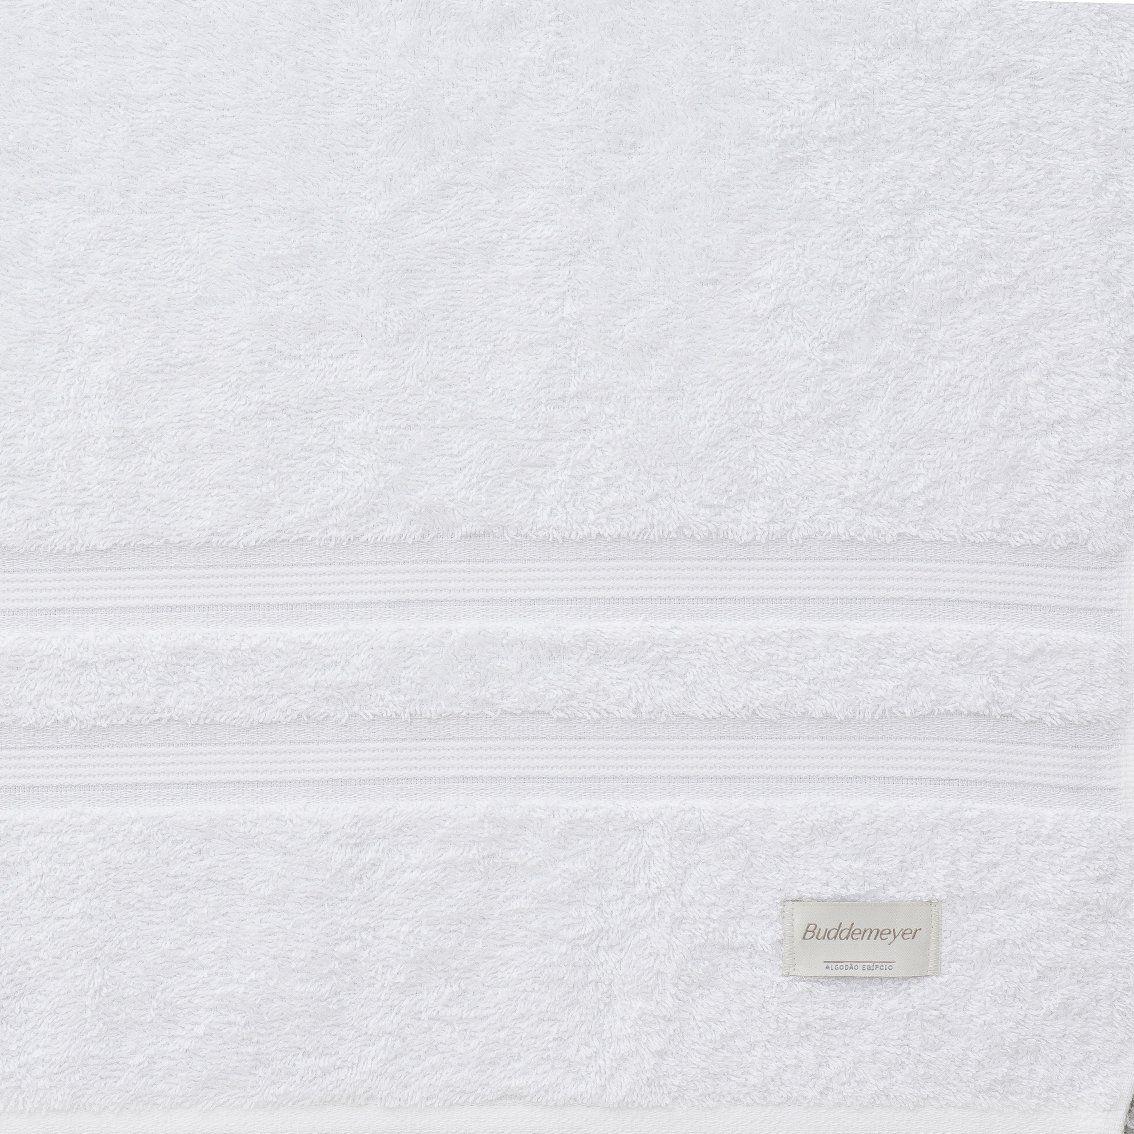 Kit 6 Toalhas de Banho + 4 Rosto Algodão Egípcio Buddemeyer